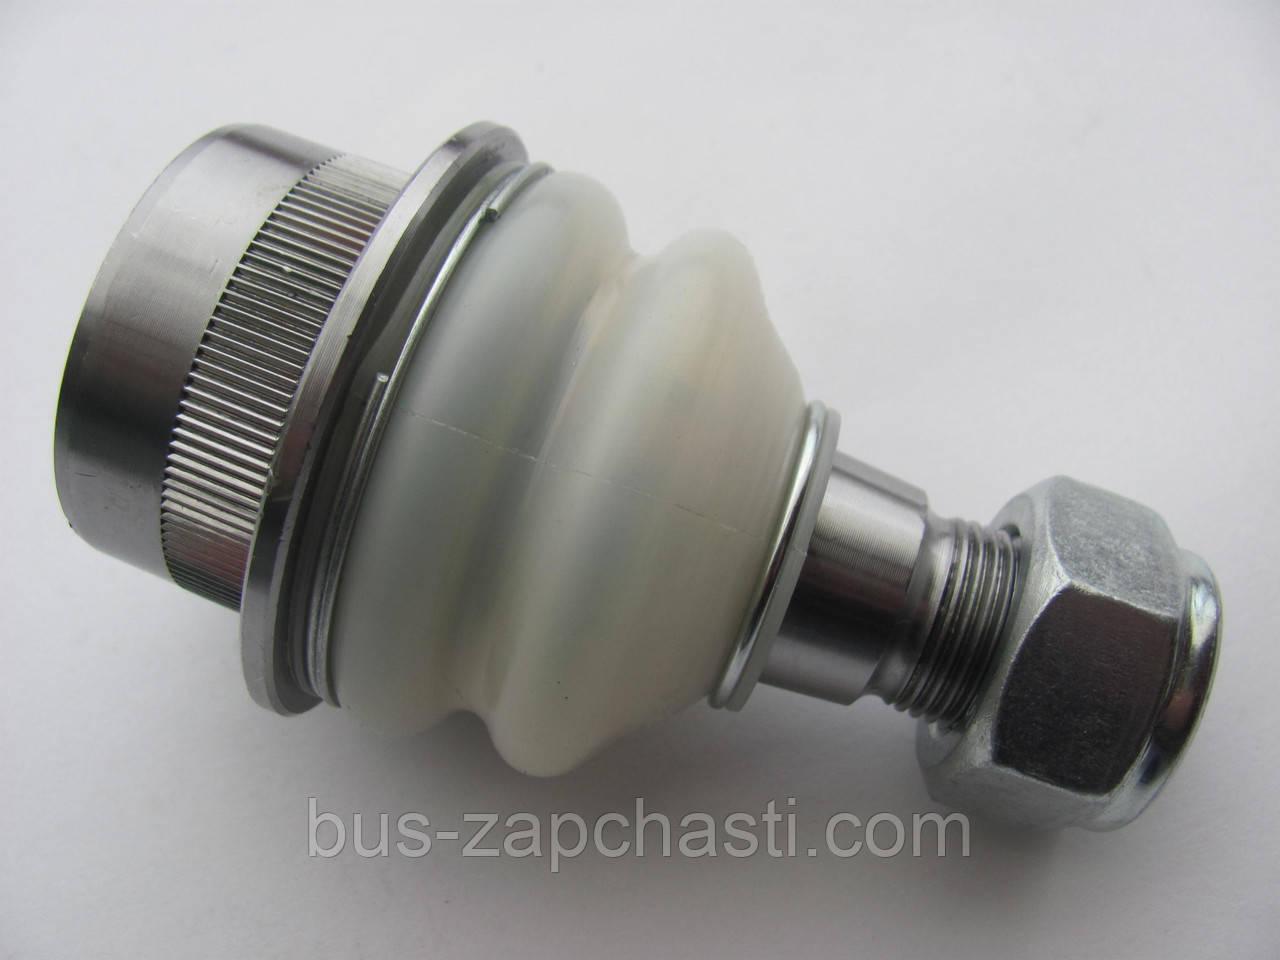 Шаровая опора MB Sprinter 906, VW Crafter 2006→ AS METAL (Турция) — 10MR0101